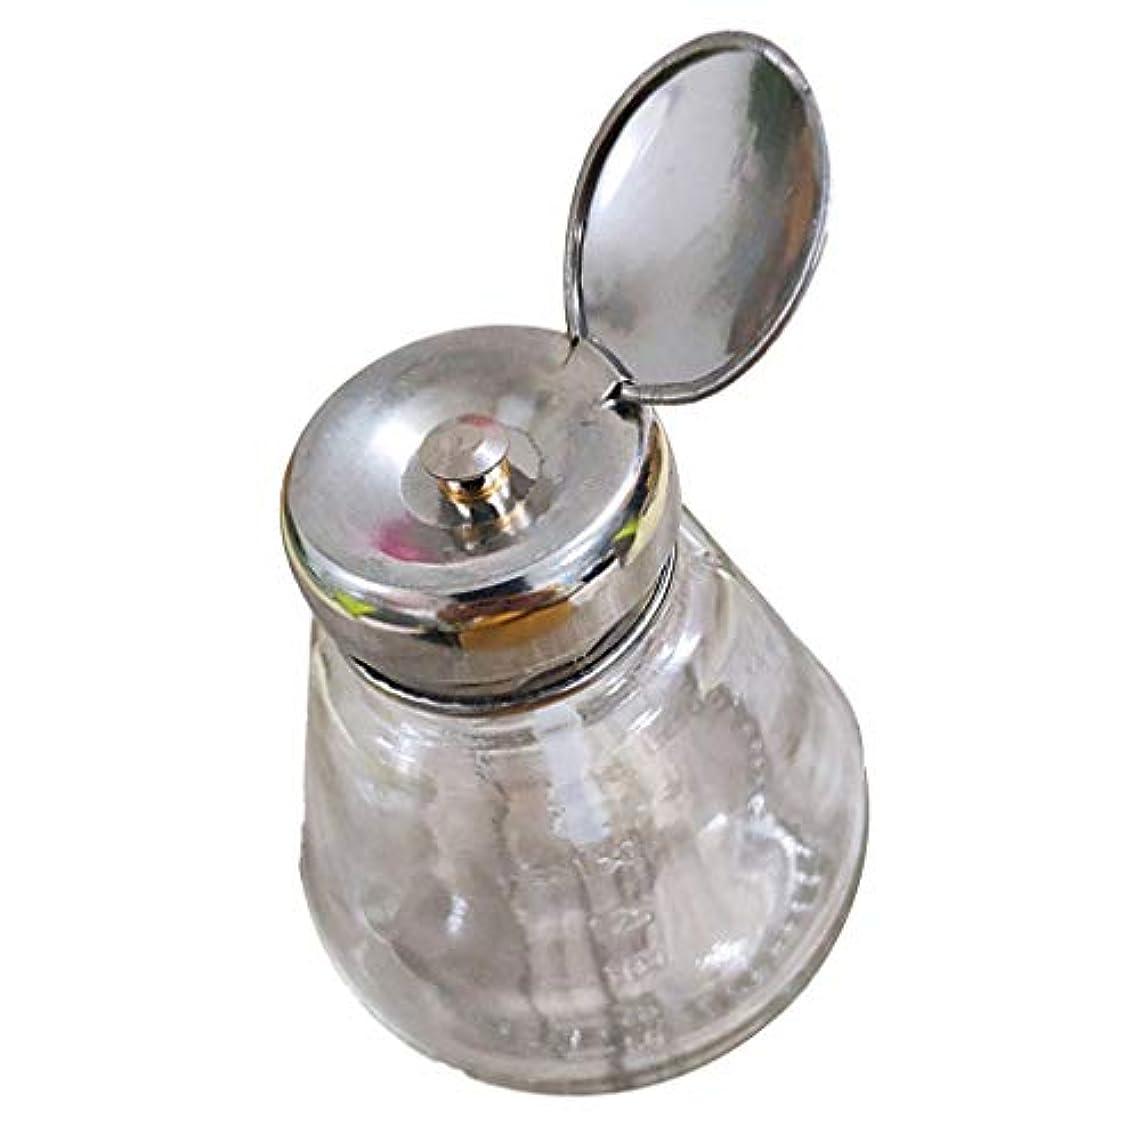 フィドル企業狂信者プレスボトル マニキュアリムー ポンプディスペンサー 逆流防止 ガラス製 ネイルアート